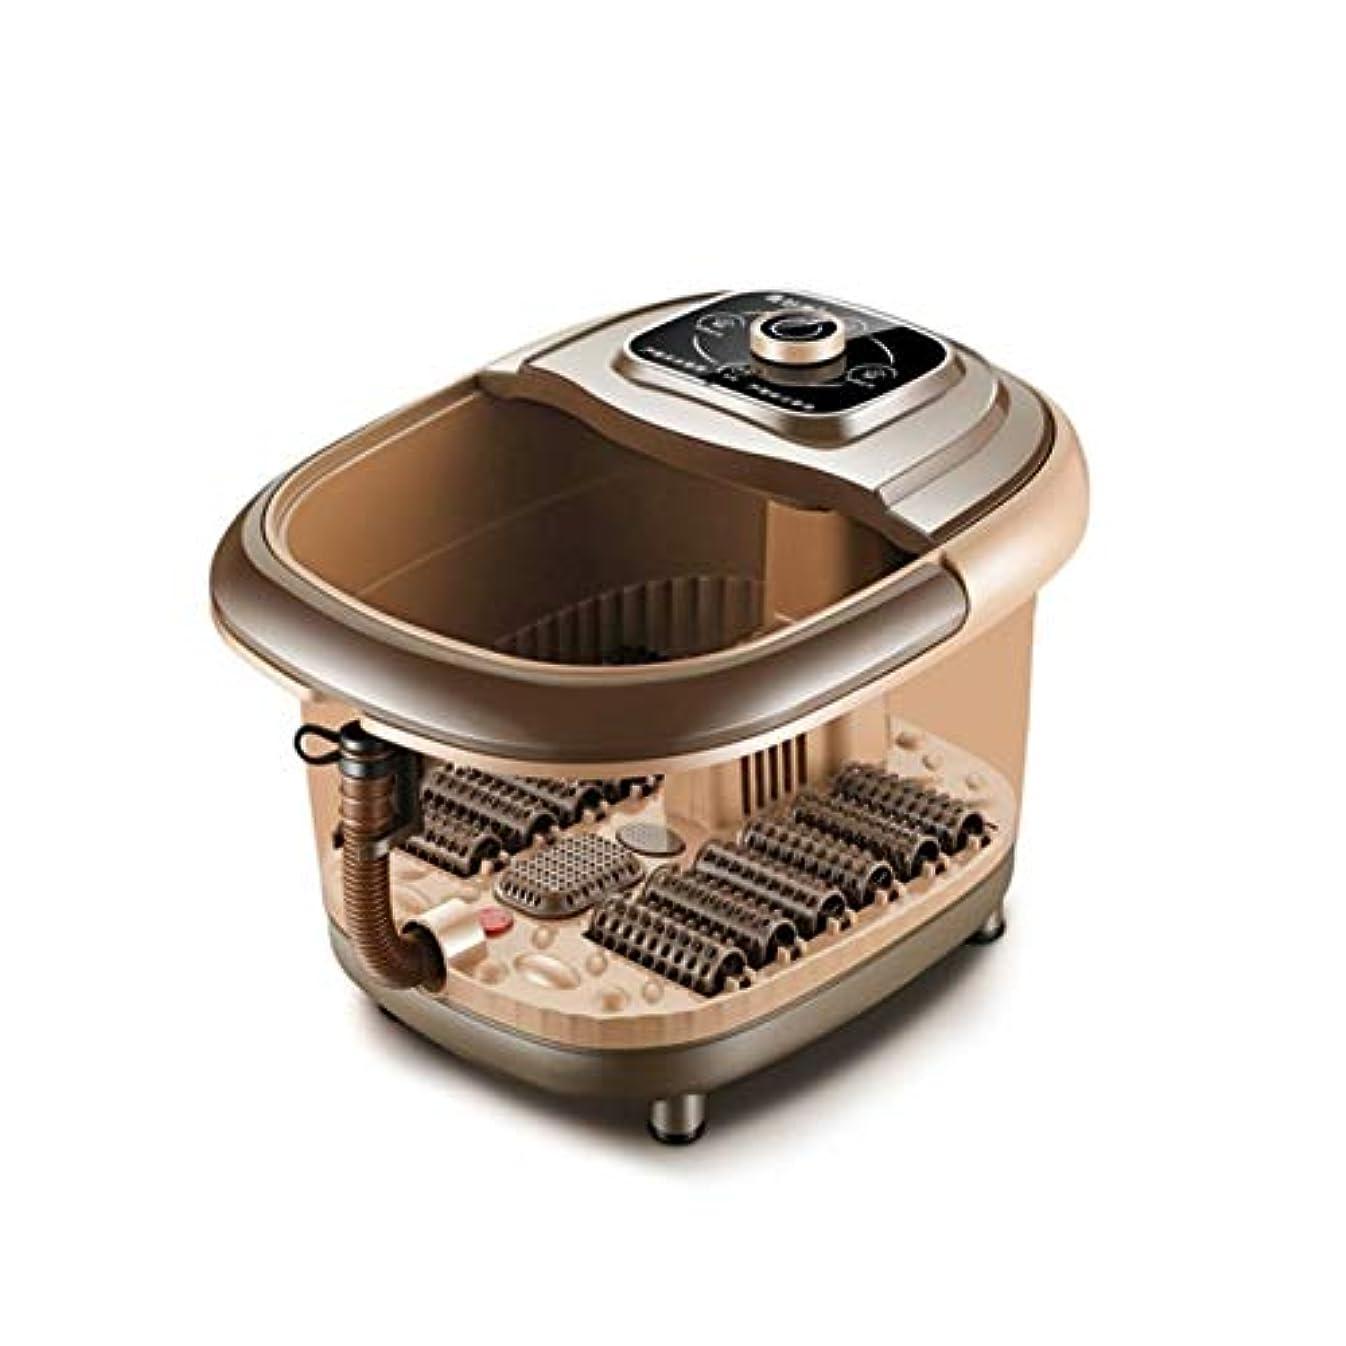 凍ったダイエット持つDeeploveUU 8l自動加熱電気ローラーフットバレルバスソーカー振動ディープバケツペディキュアソークフィート流域浴槽